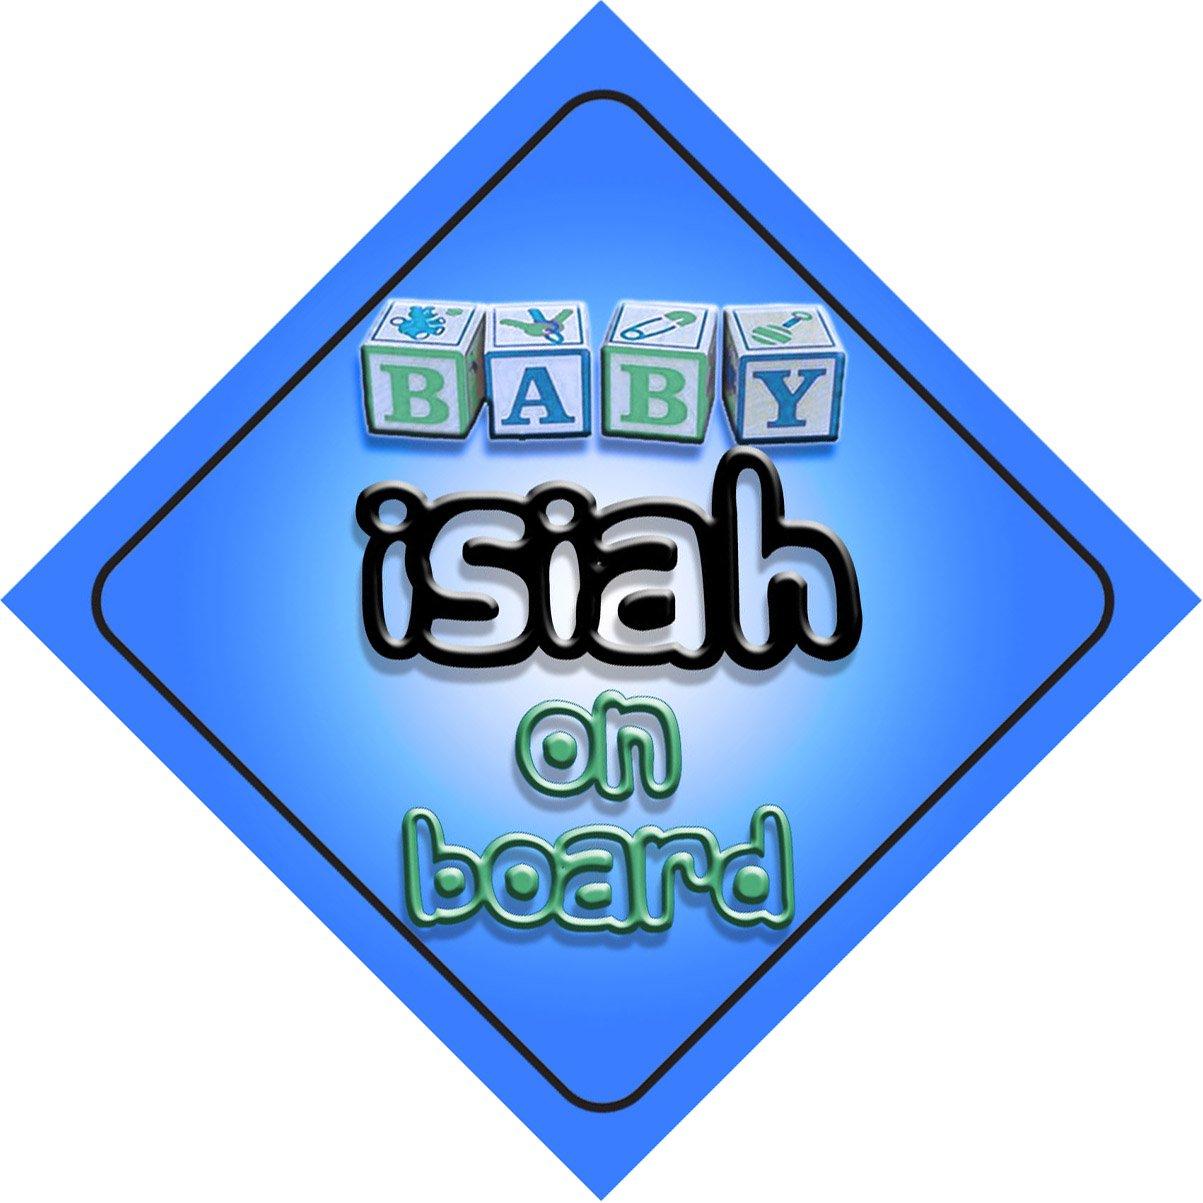 Bébé Garçon Isiah on Board fantaisie Panneau de voiture Cadeau/cadeau pour nouveau/enfant nouveau-né